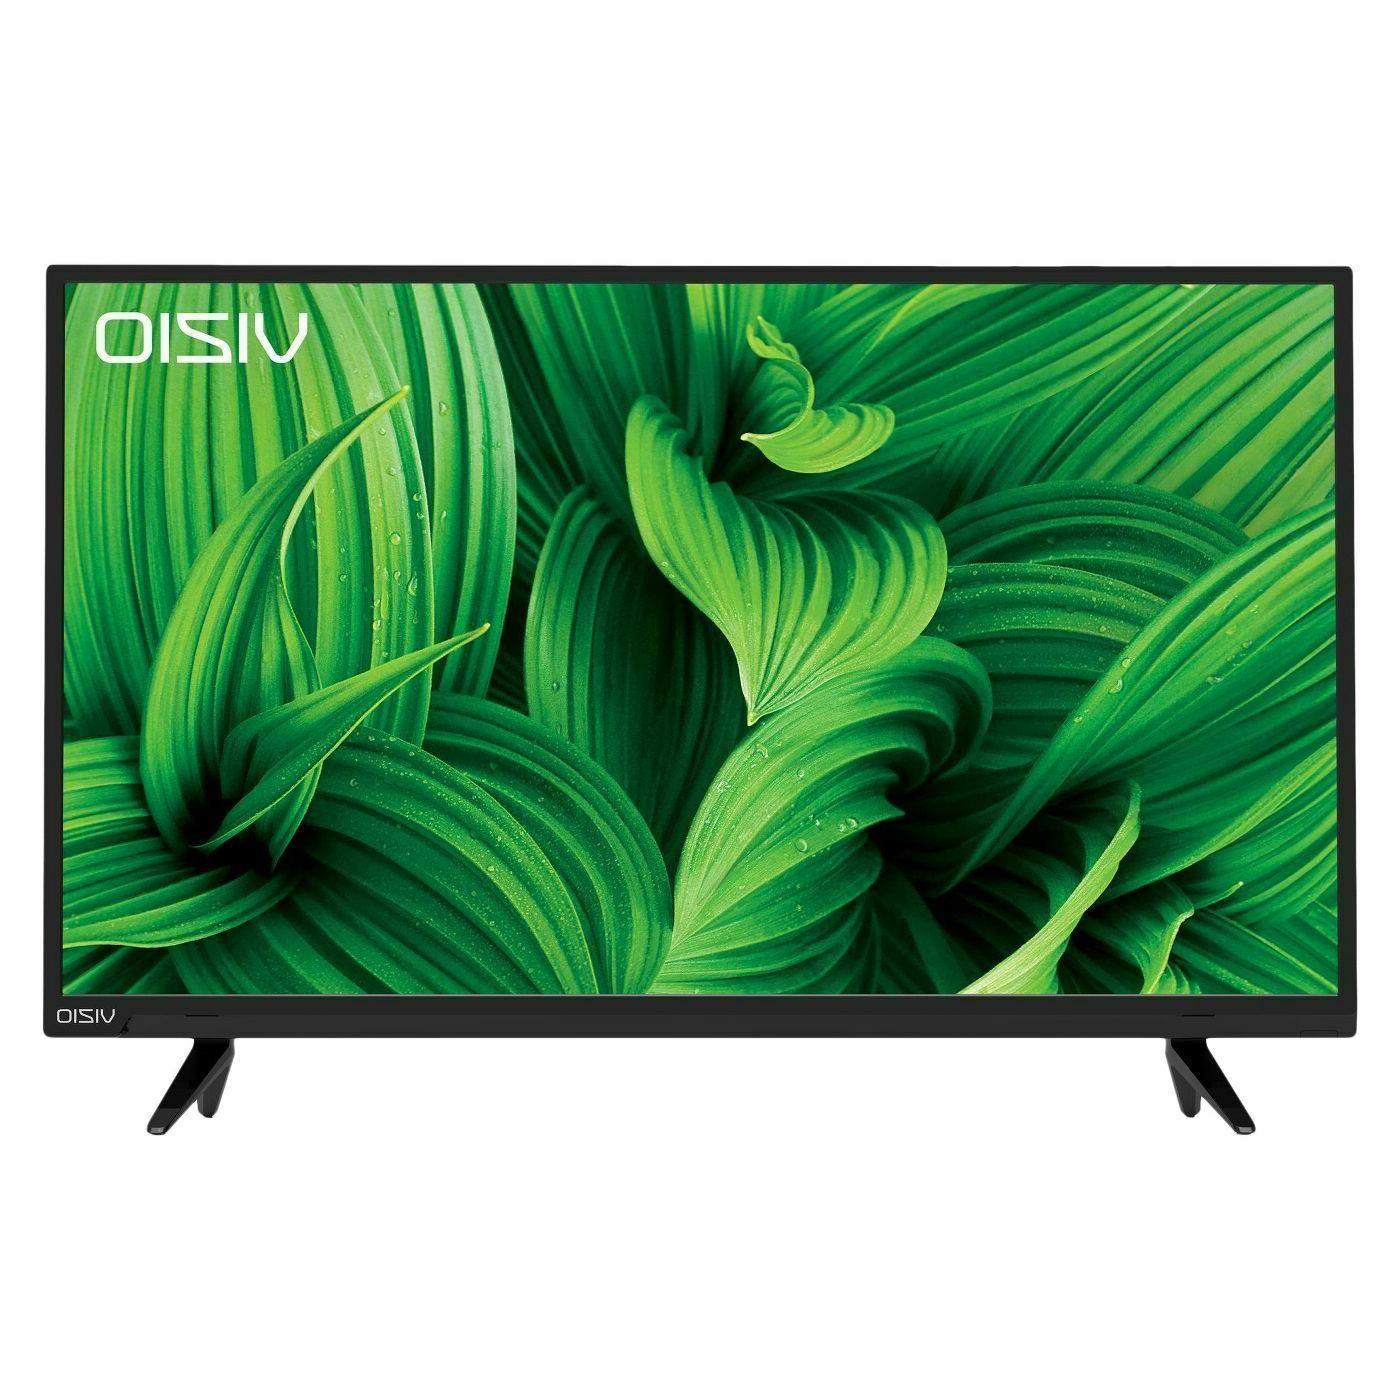 d32hn e0 inch tv d